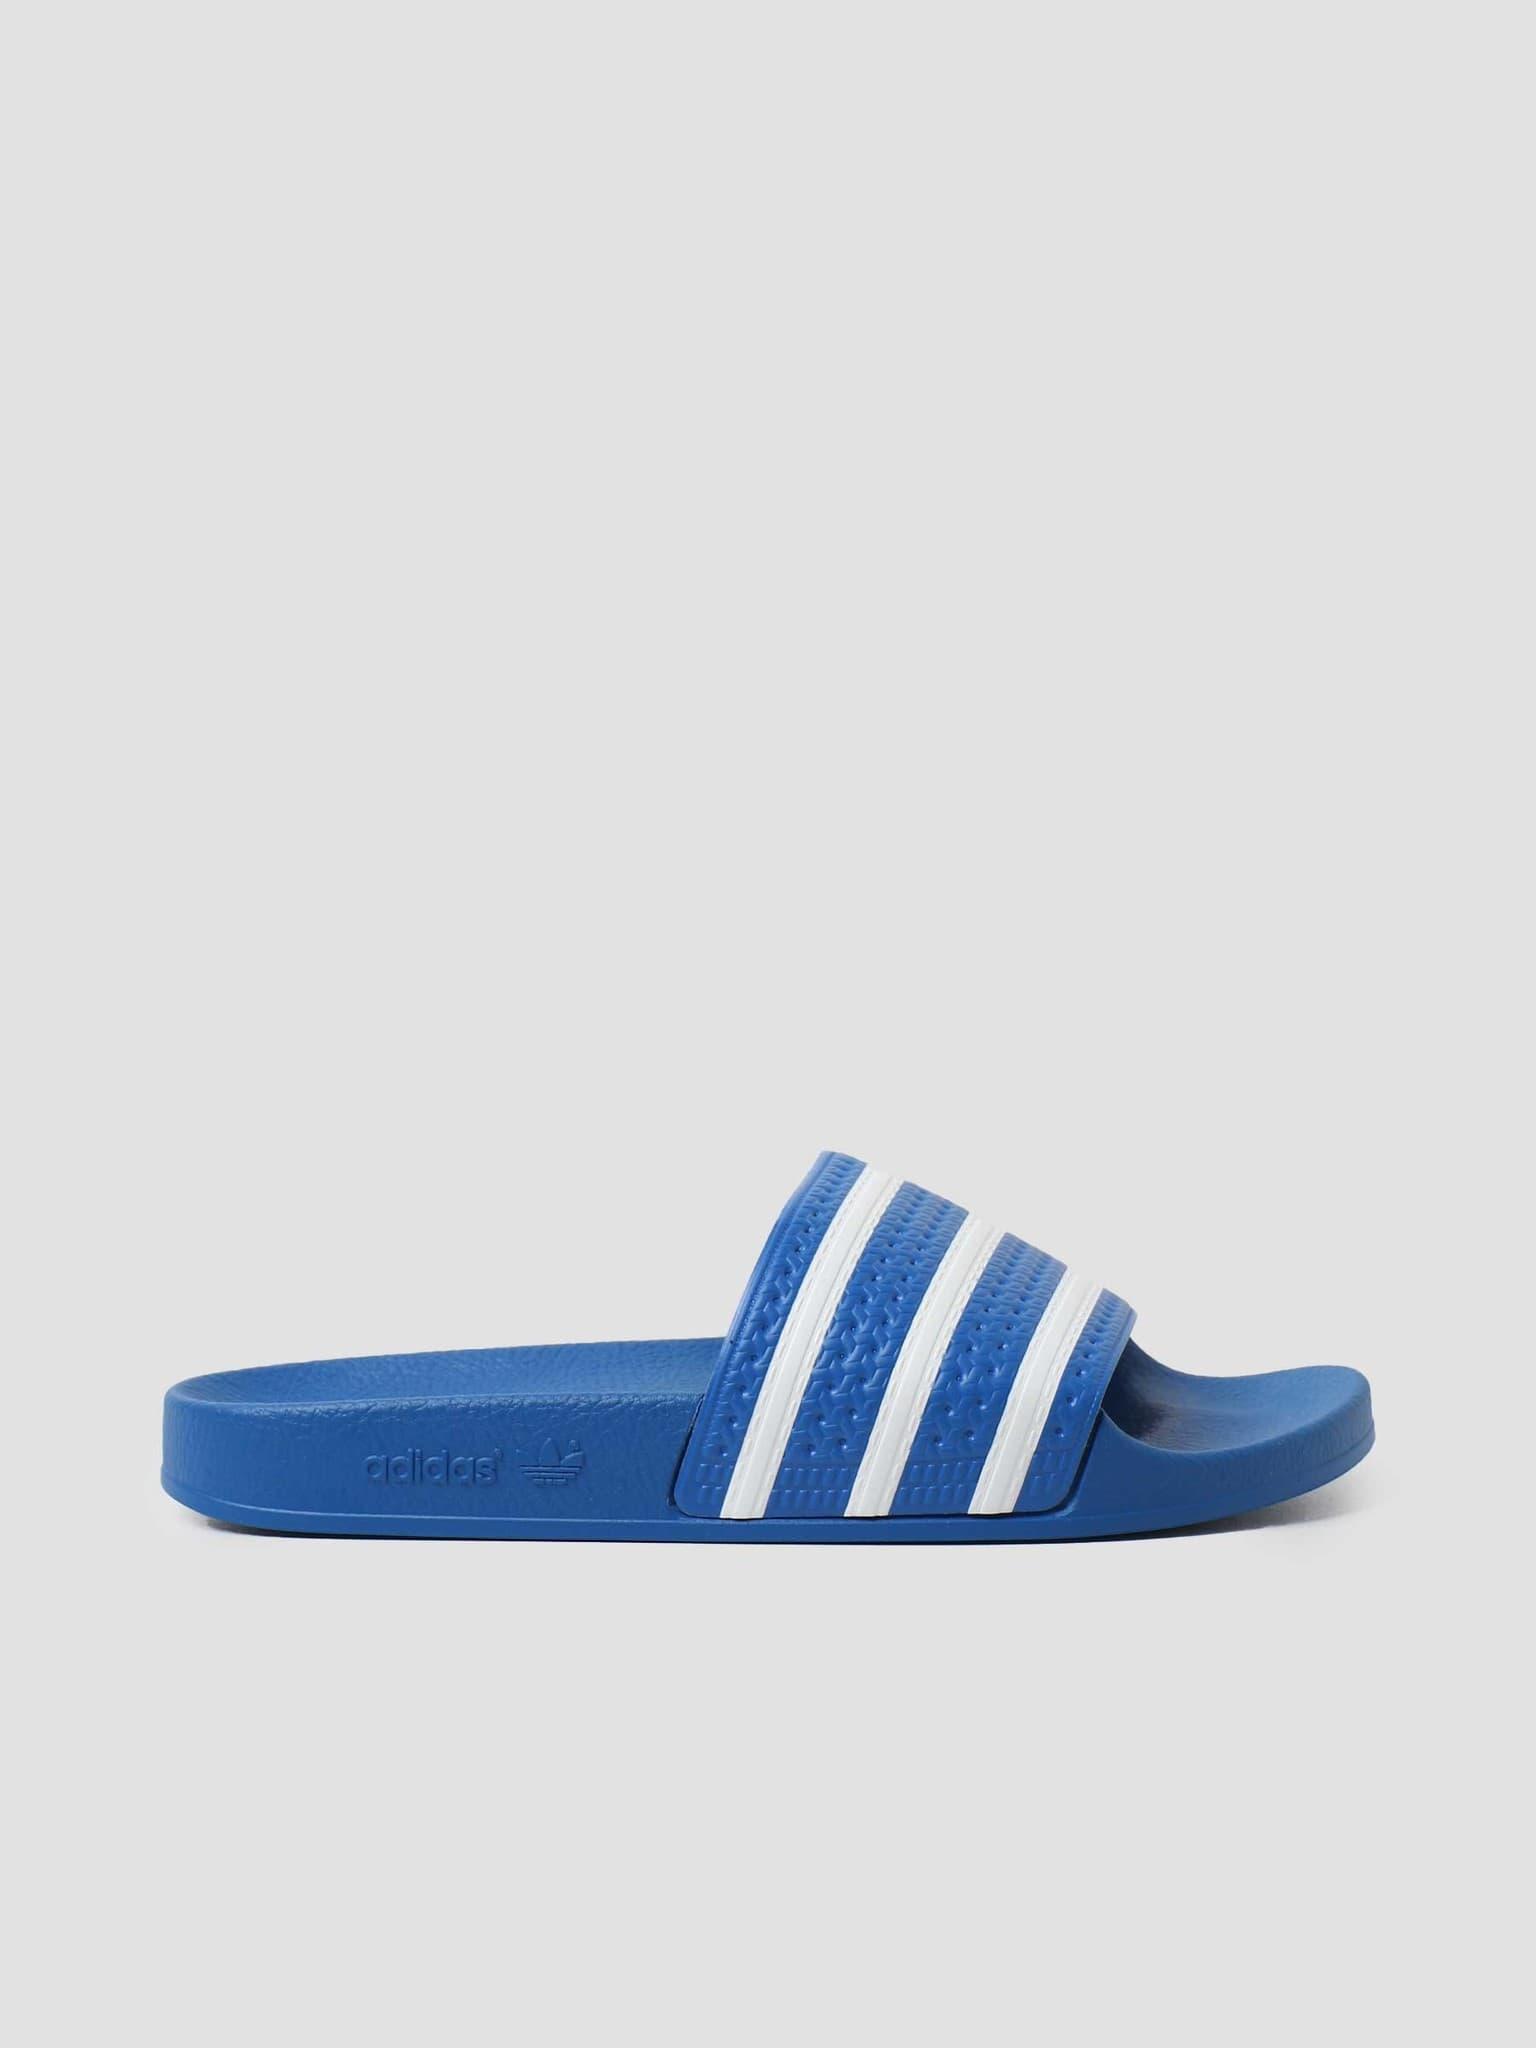 Adilette Footwear White Blue FX5834